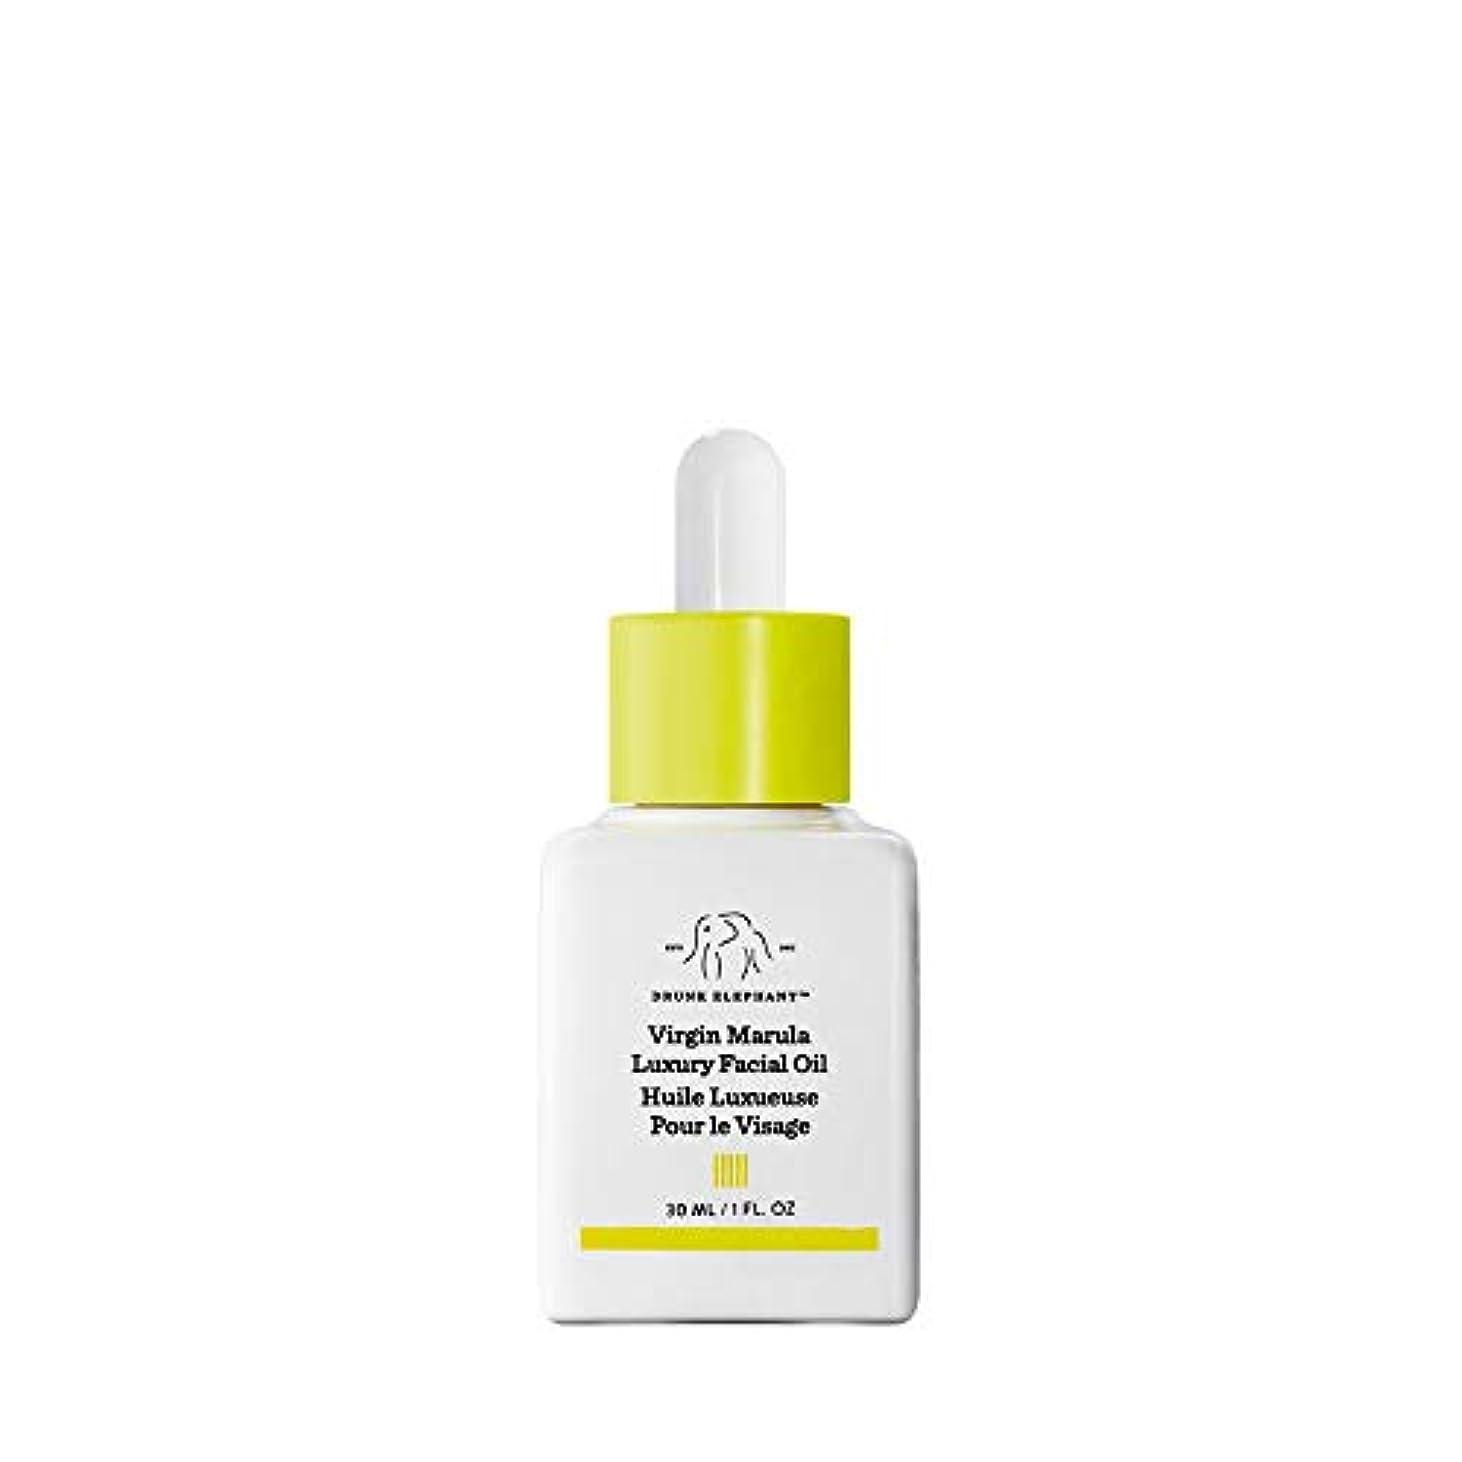 取り組む長老愛人DRUNK ELEPHANT Virgin Marula Luxury Facial Oil 1 oz/ 30 ml ドランクエレファント バージンマルラ ラグジュアリー フェイシャルオイル1 oz/ 30 ml